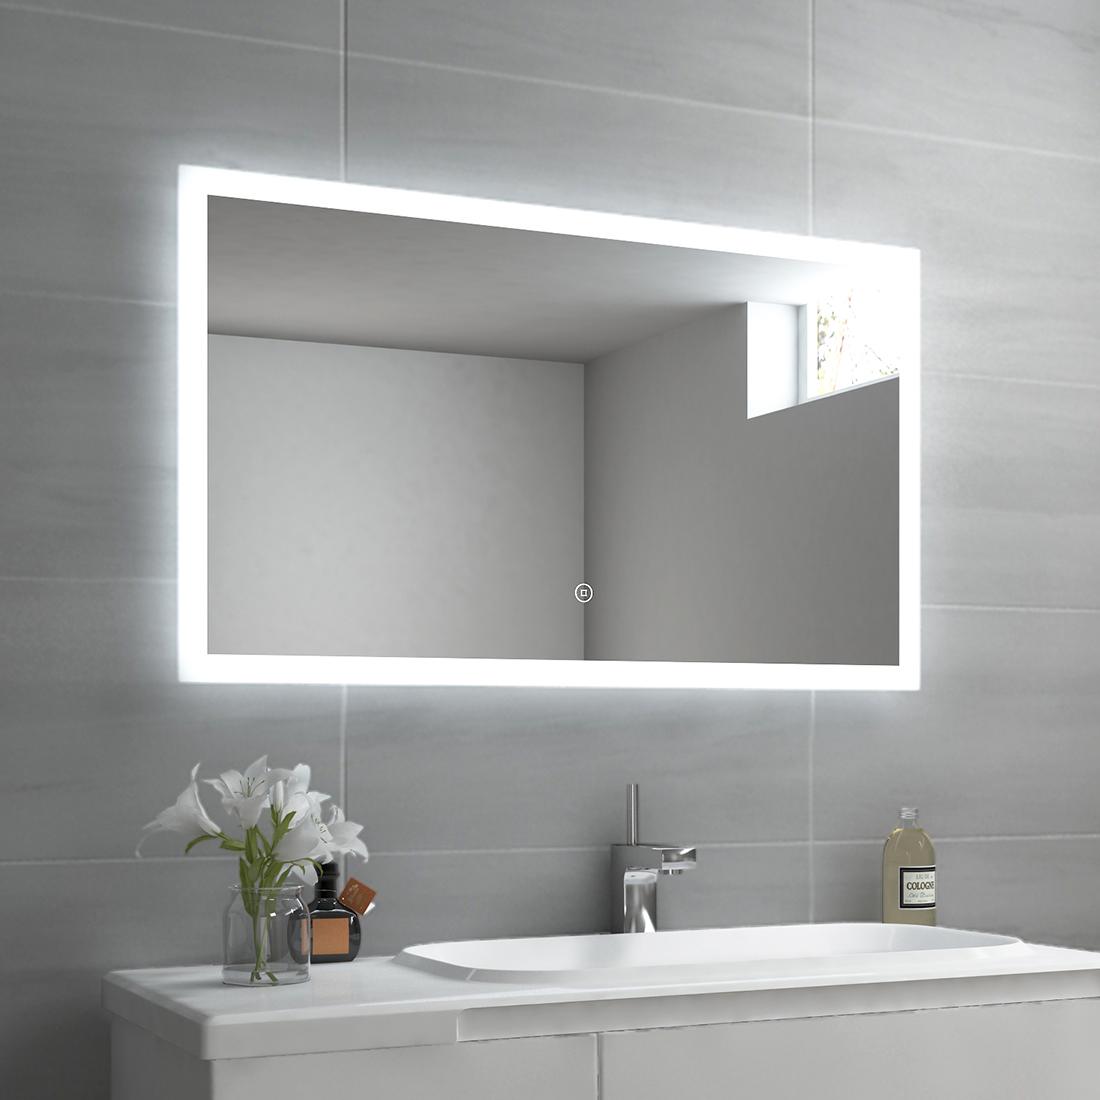 Badspiegel Led Mit Beleuchtung Mit Touch Badezimmerspiegel